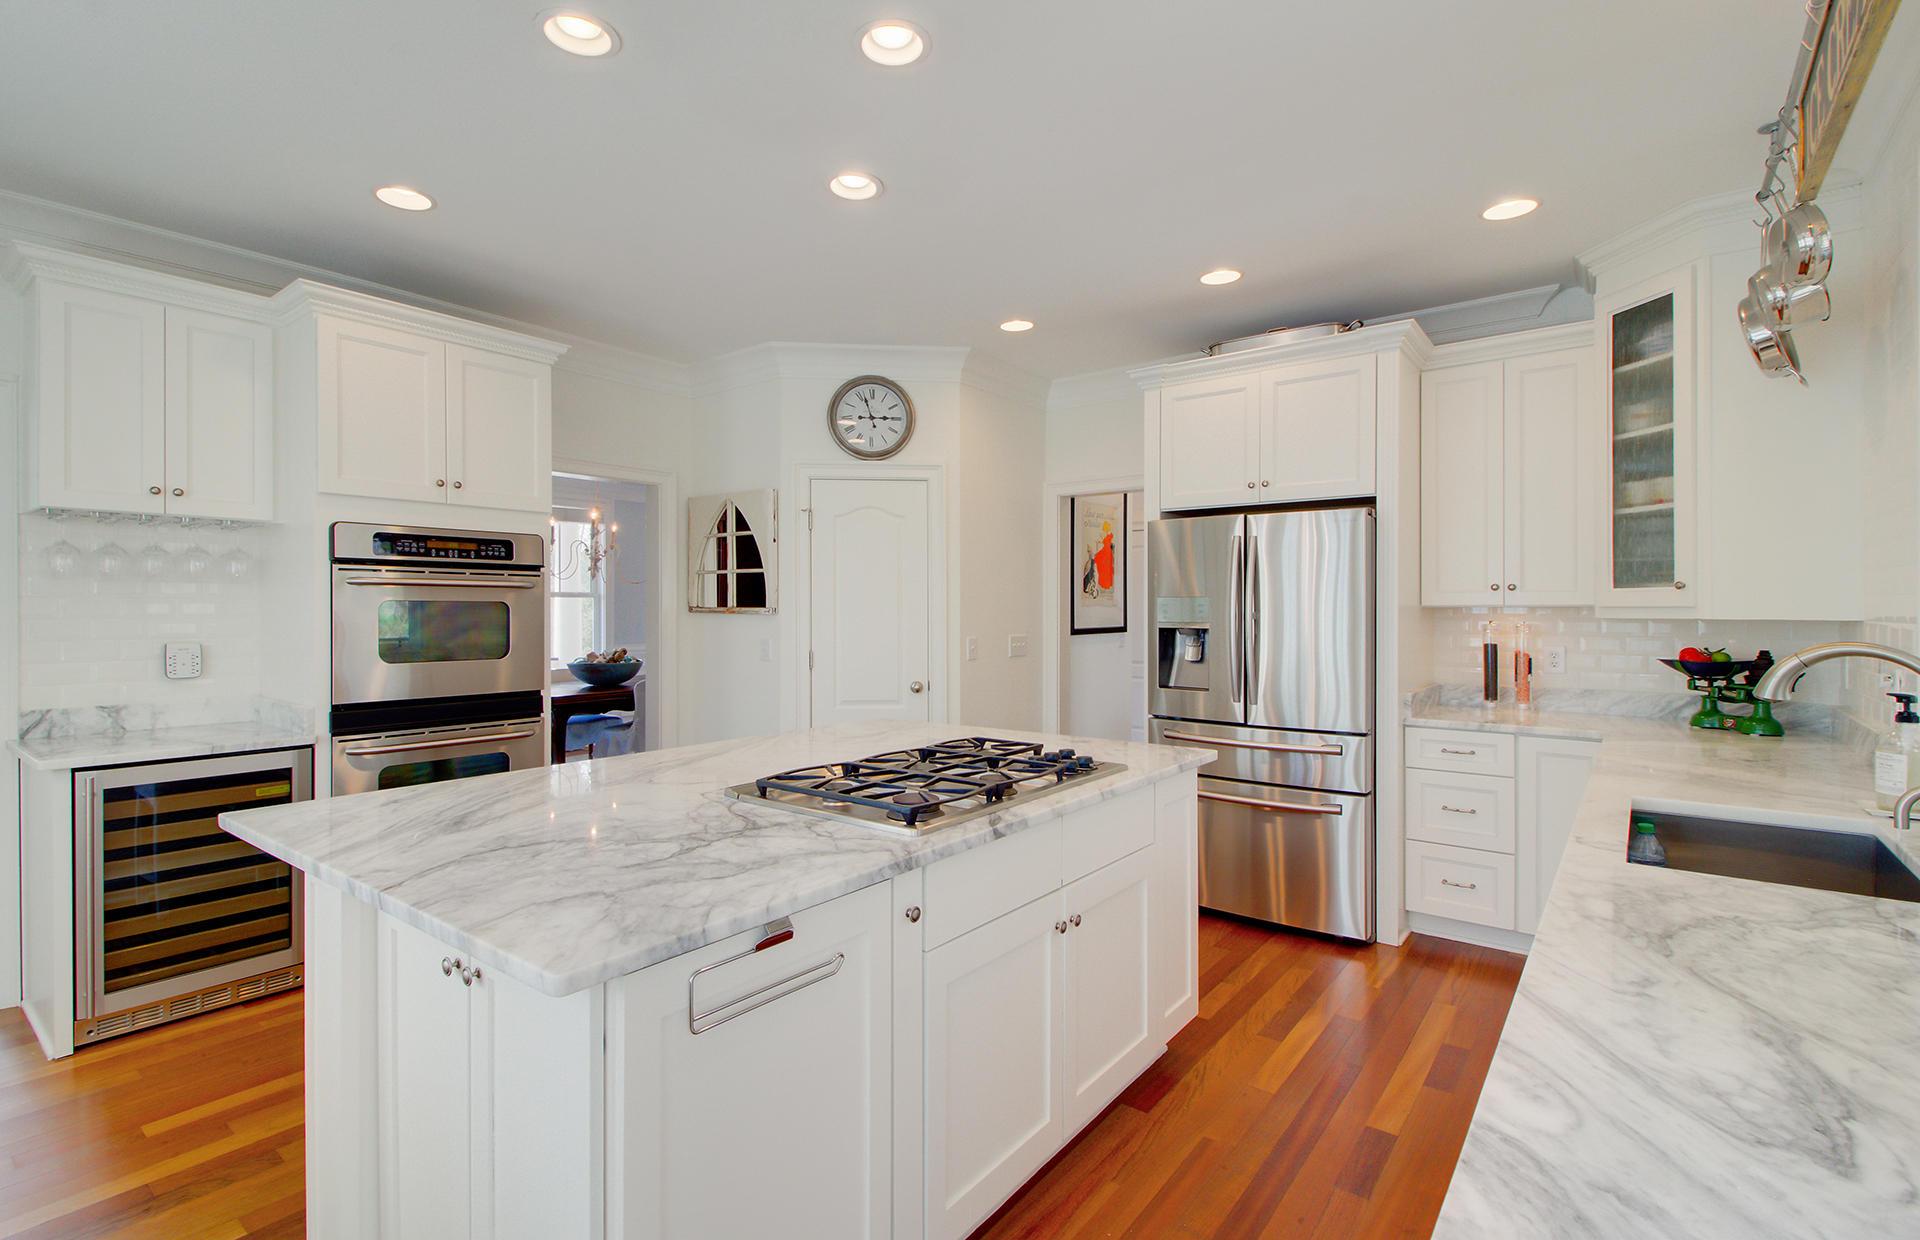 Dunes West Homes For Sale - 2913 Yachtsman, Mount Pleasant, SC - 27